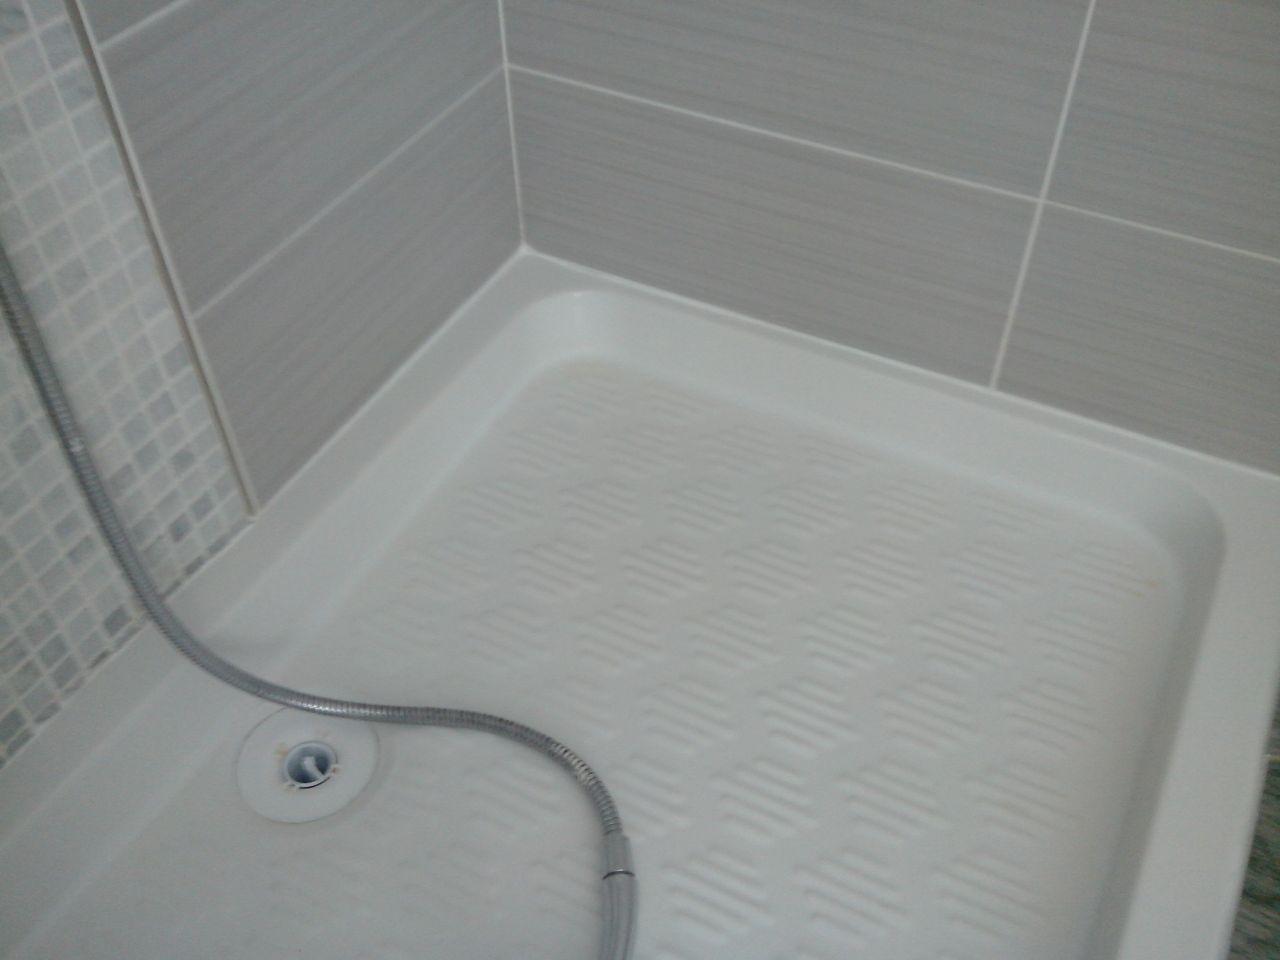 vacances de f vrier plinthes de l 39 tage joints petit petit le nid devient plus. Black Bedroom Furniture Sets. Home Design Ideas